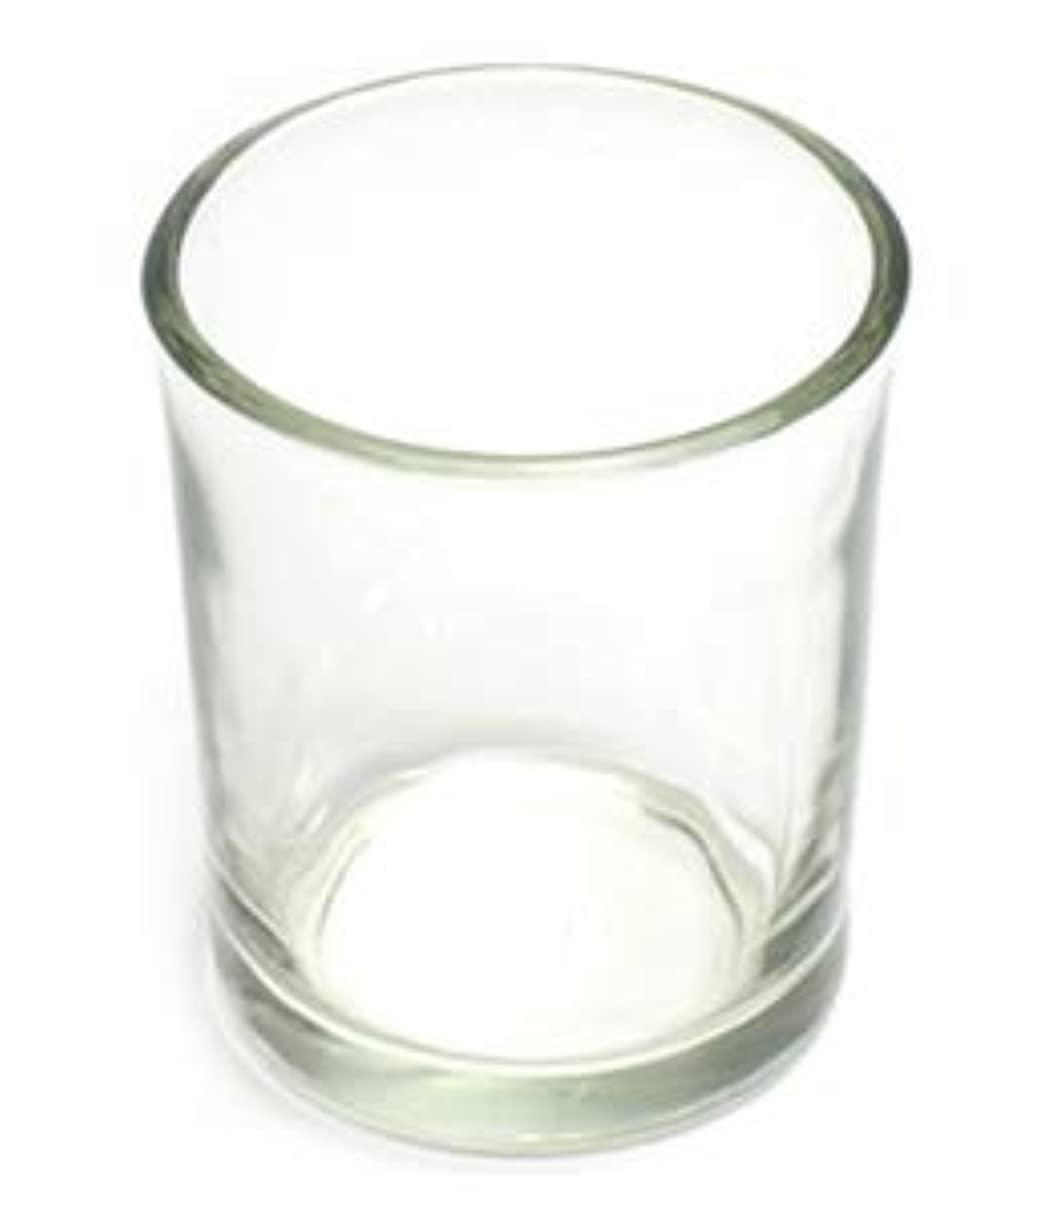 神経スラム王子キャンドルホルダー ガラス シンプル[小] 1個 キャンドルスタンド 透明 クリア おしゃれ ろうそく立て